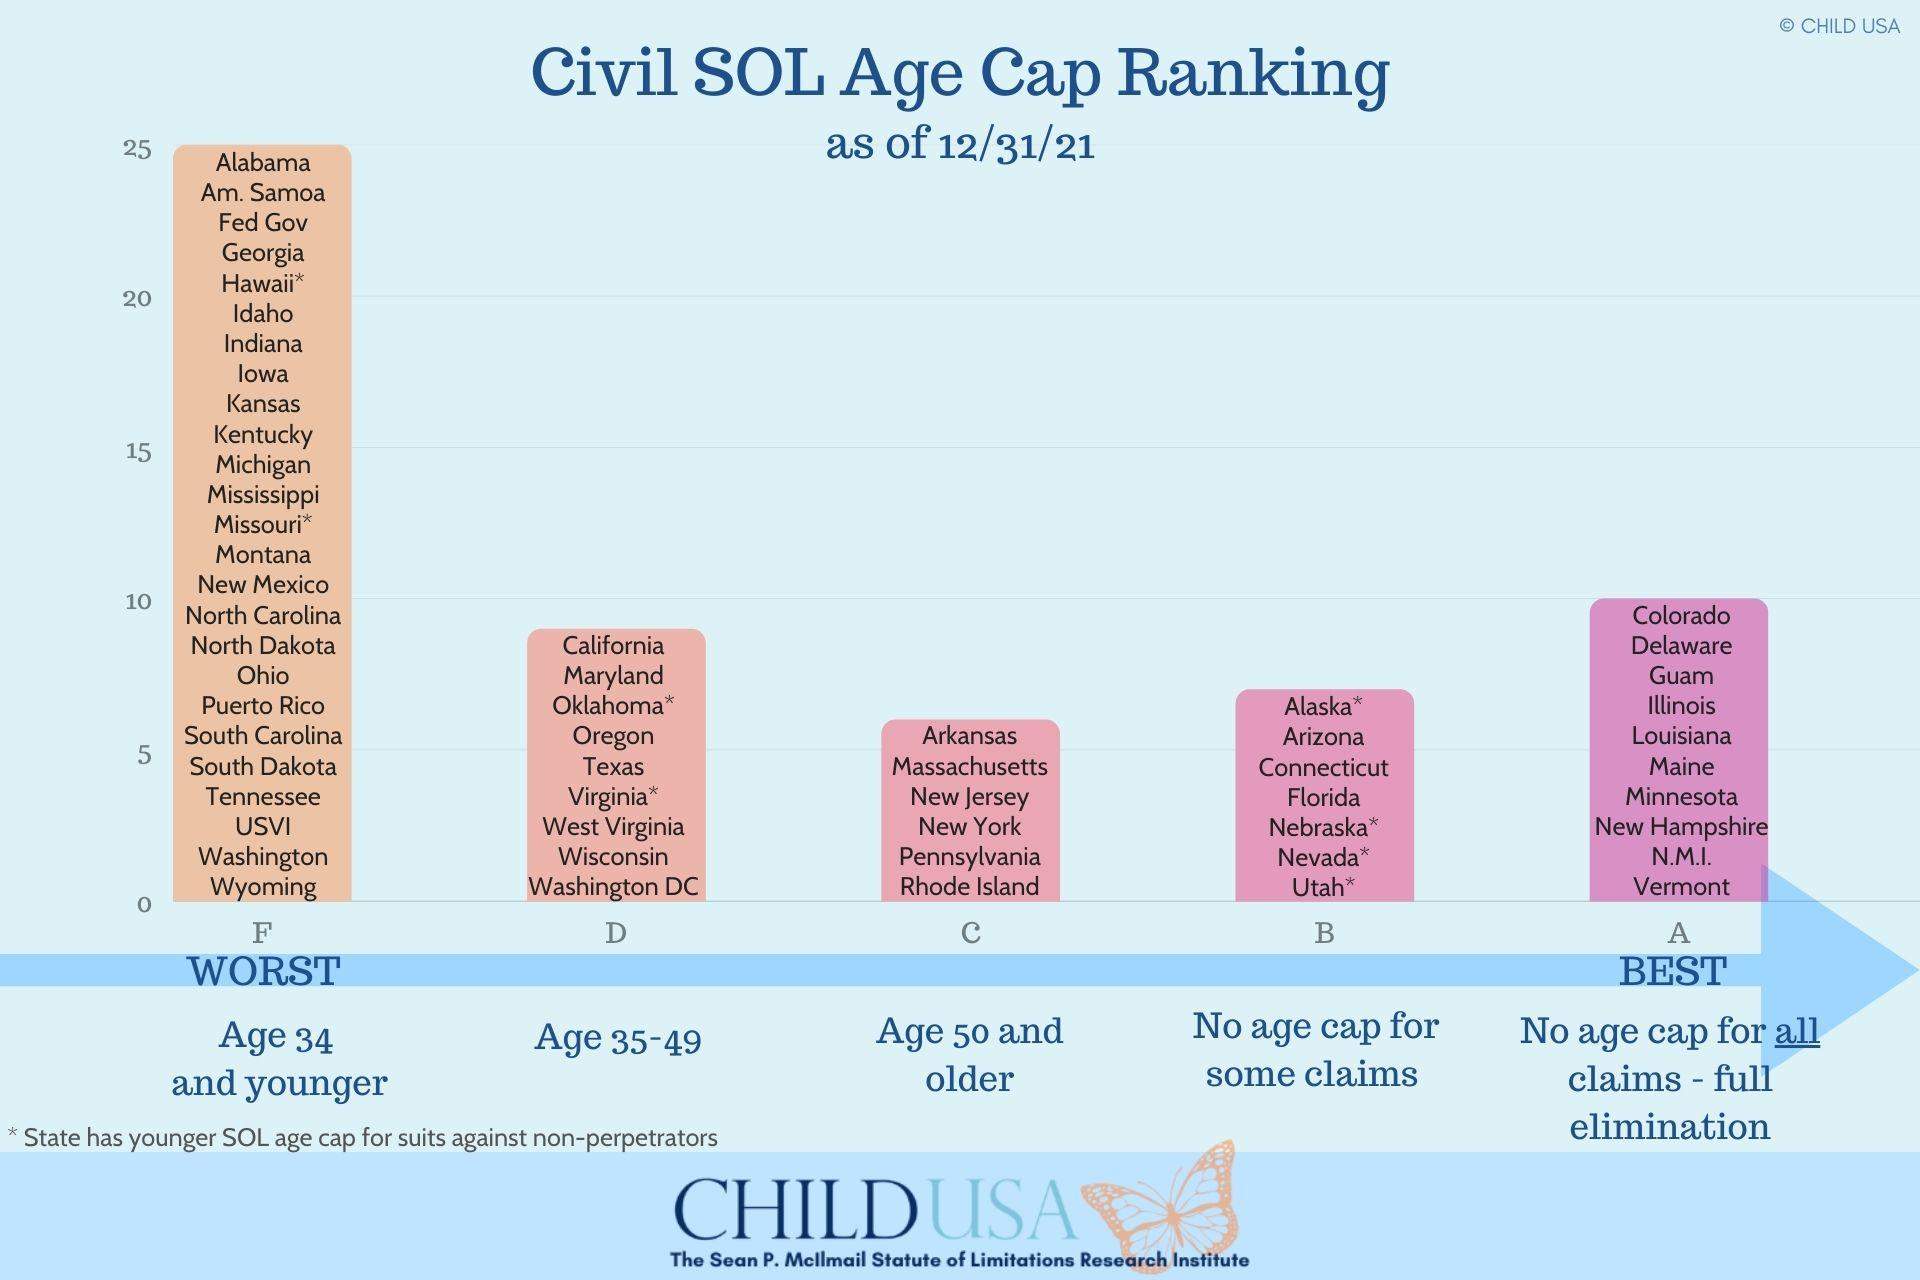 2020 Civil Age Cap Ranking